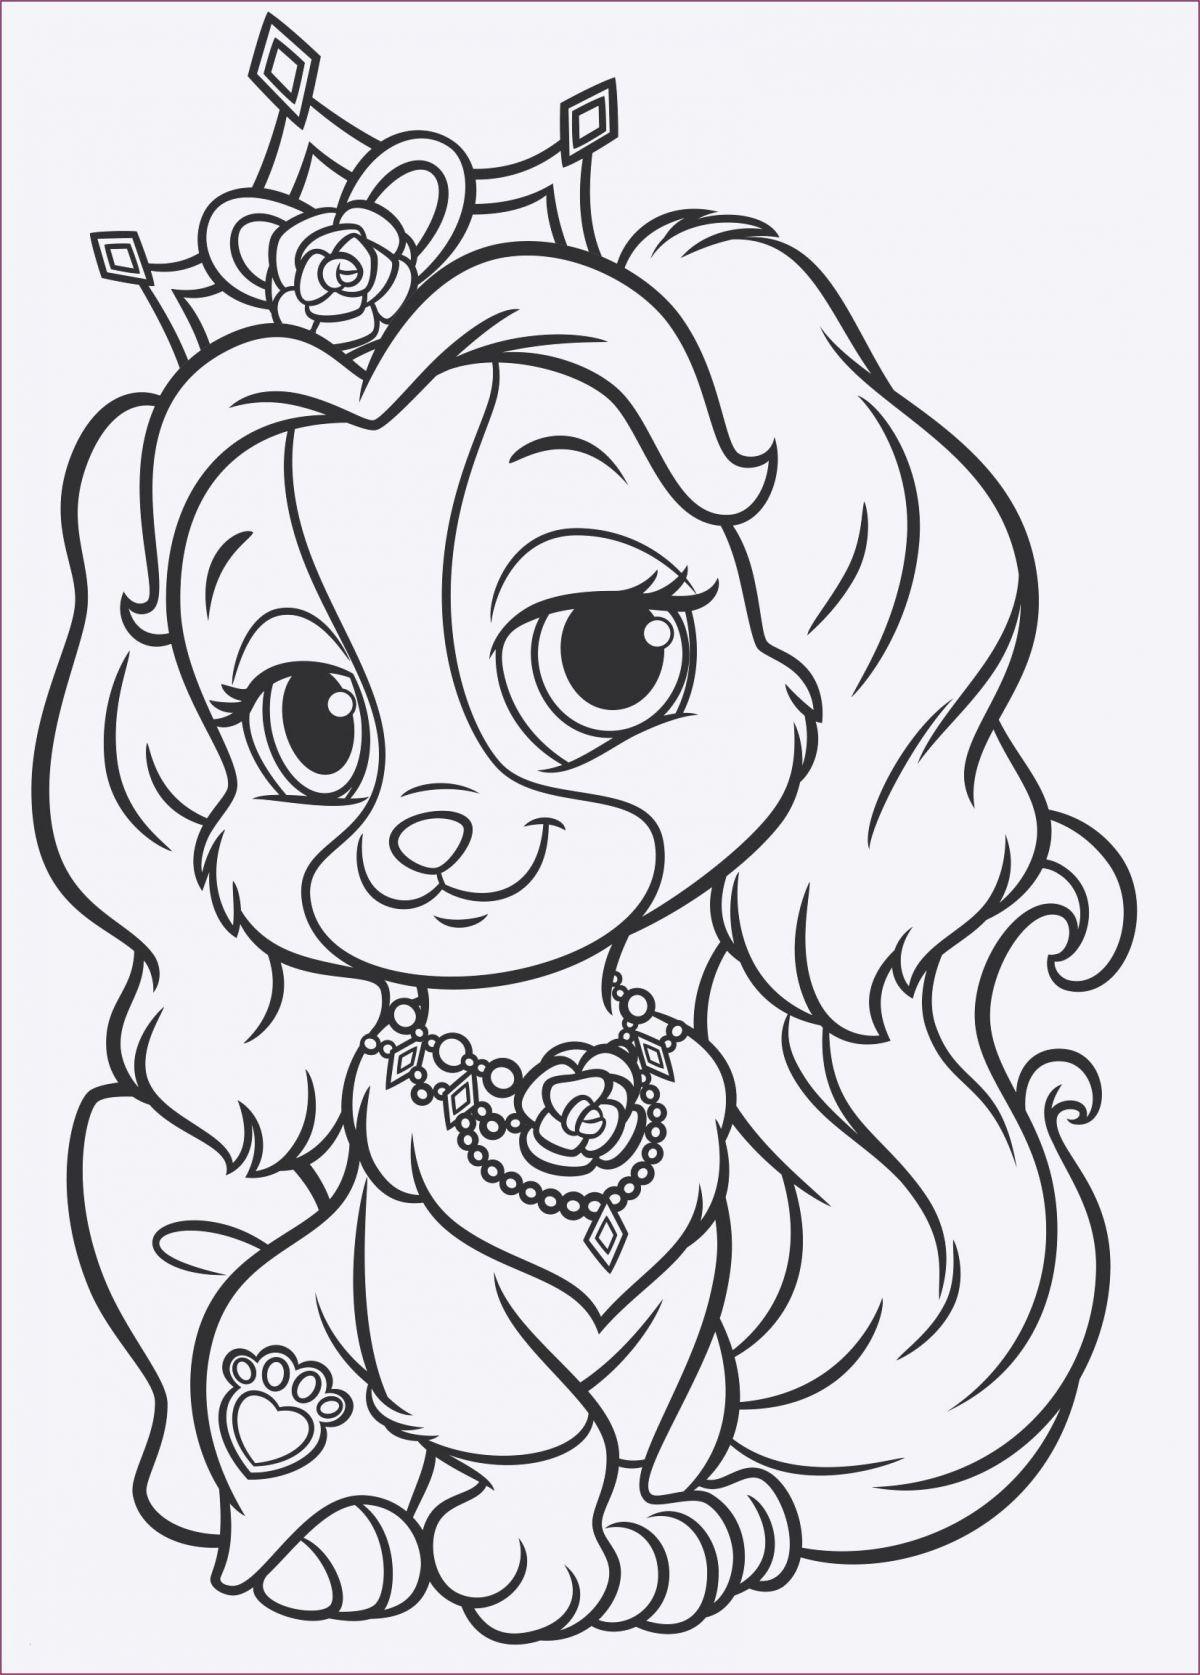 Disney Prinzessinnen Malvorlagen Neu Ausmalbilder Disney Prinzessinnen Ariel Elegant Malvorlagen Gratis Sammlung